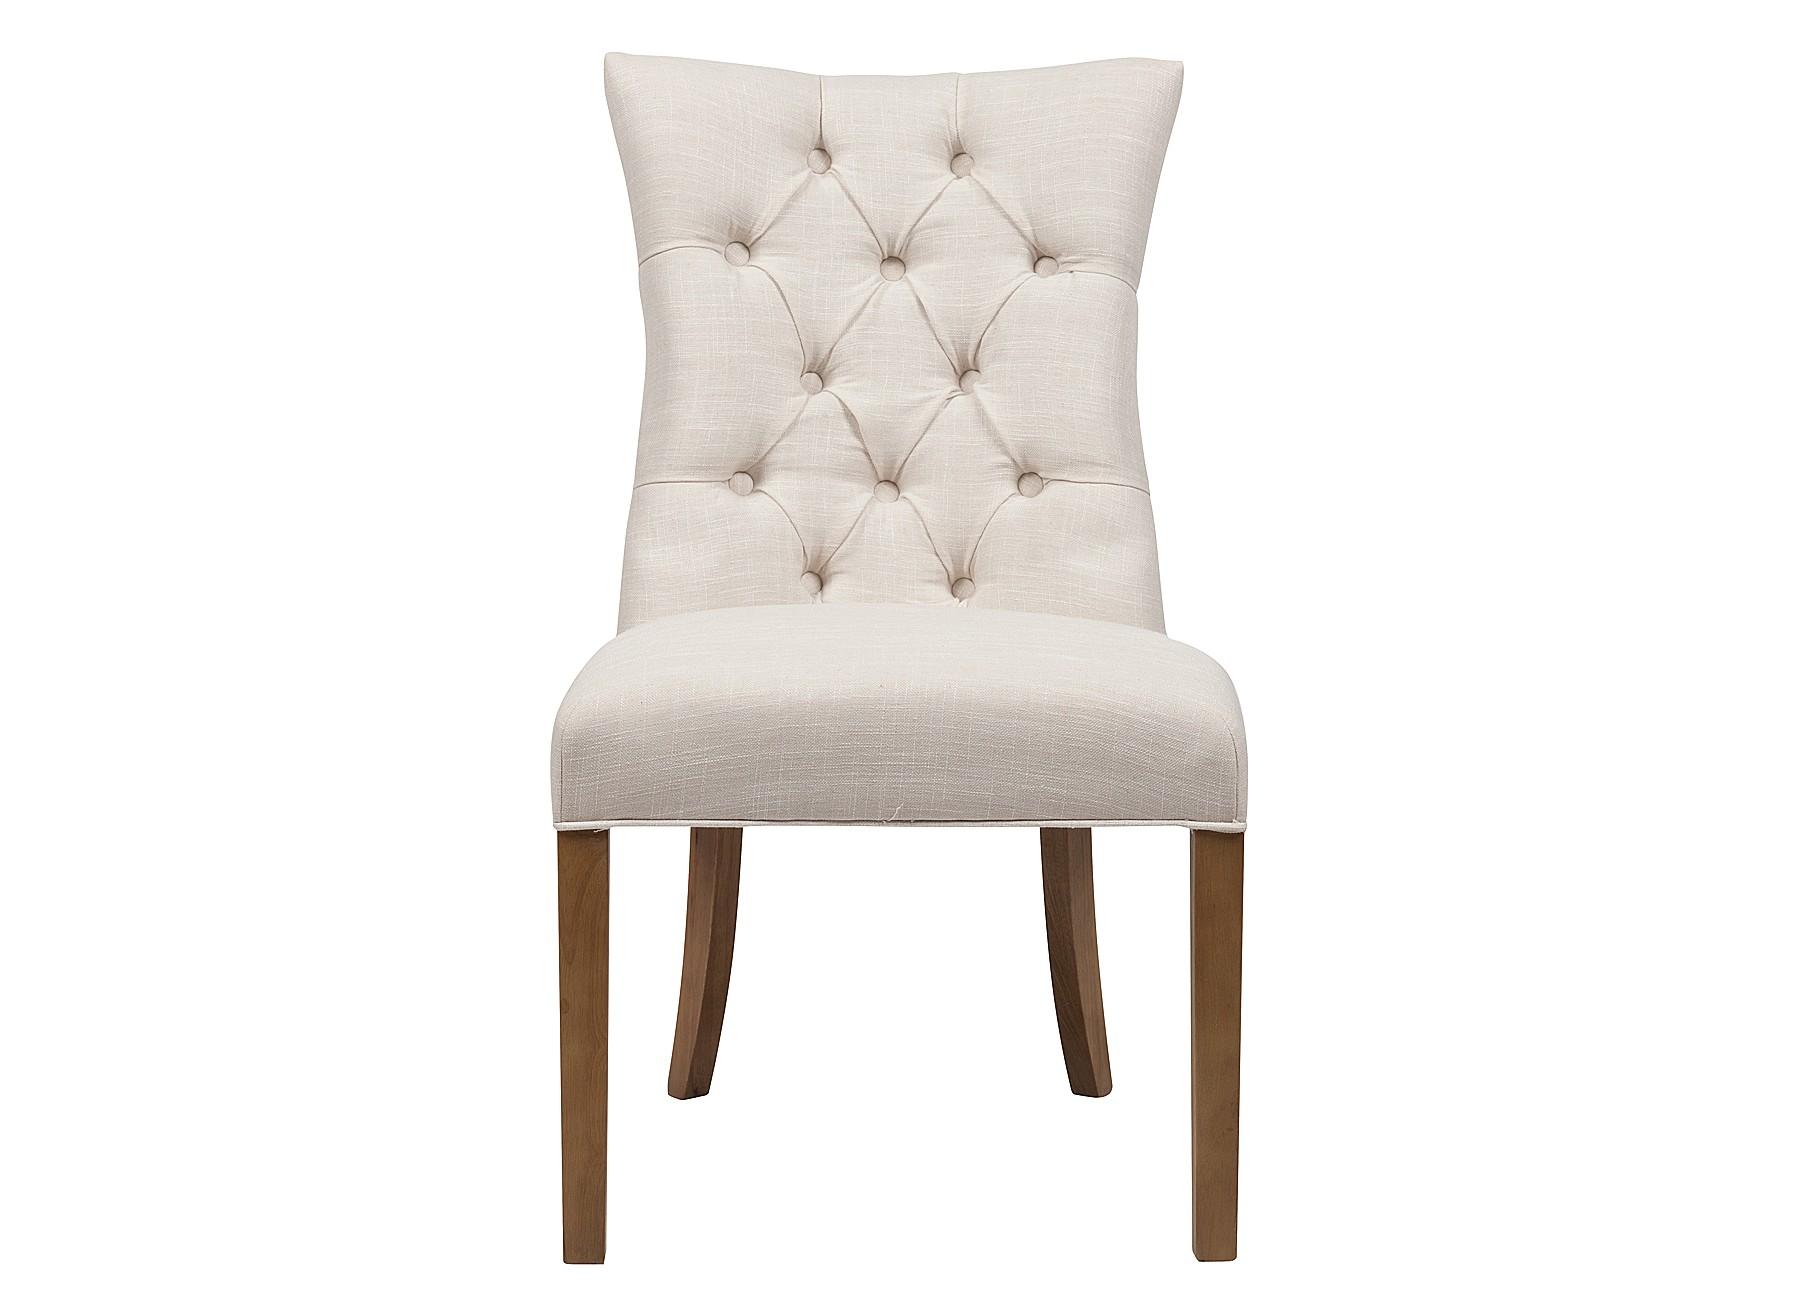 Стул LindorОбеденные стулья<br>Уют в столовой зоне начинается с комфортной мебели, за которой собирается вся семья. Изящный стул&amp;amp;nbsp;&amp;quot;Lindor&amp;quot; — образец безупречного вкуса и &amp;amp;nbsp;внимательного отношения к деталям. Его образ формирует баланс пышно-оформленного верха и уравновешенного низа. Спинка и сидение обиты тканью молочного оттенка в технике капитоне, придавая обстановке легкой торжественности.<br><br>Material: Лен<br>Width см: 64<br>Depth см: 55<br>Height см: 97